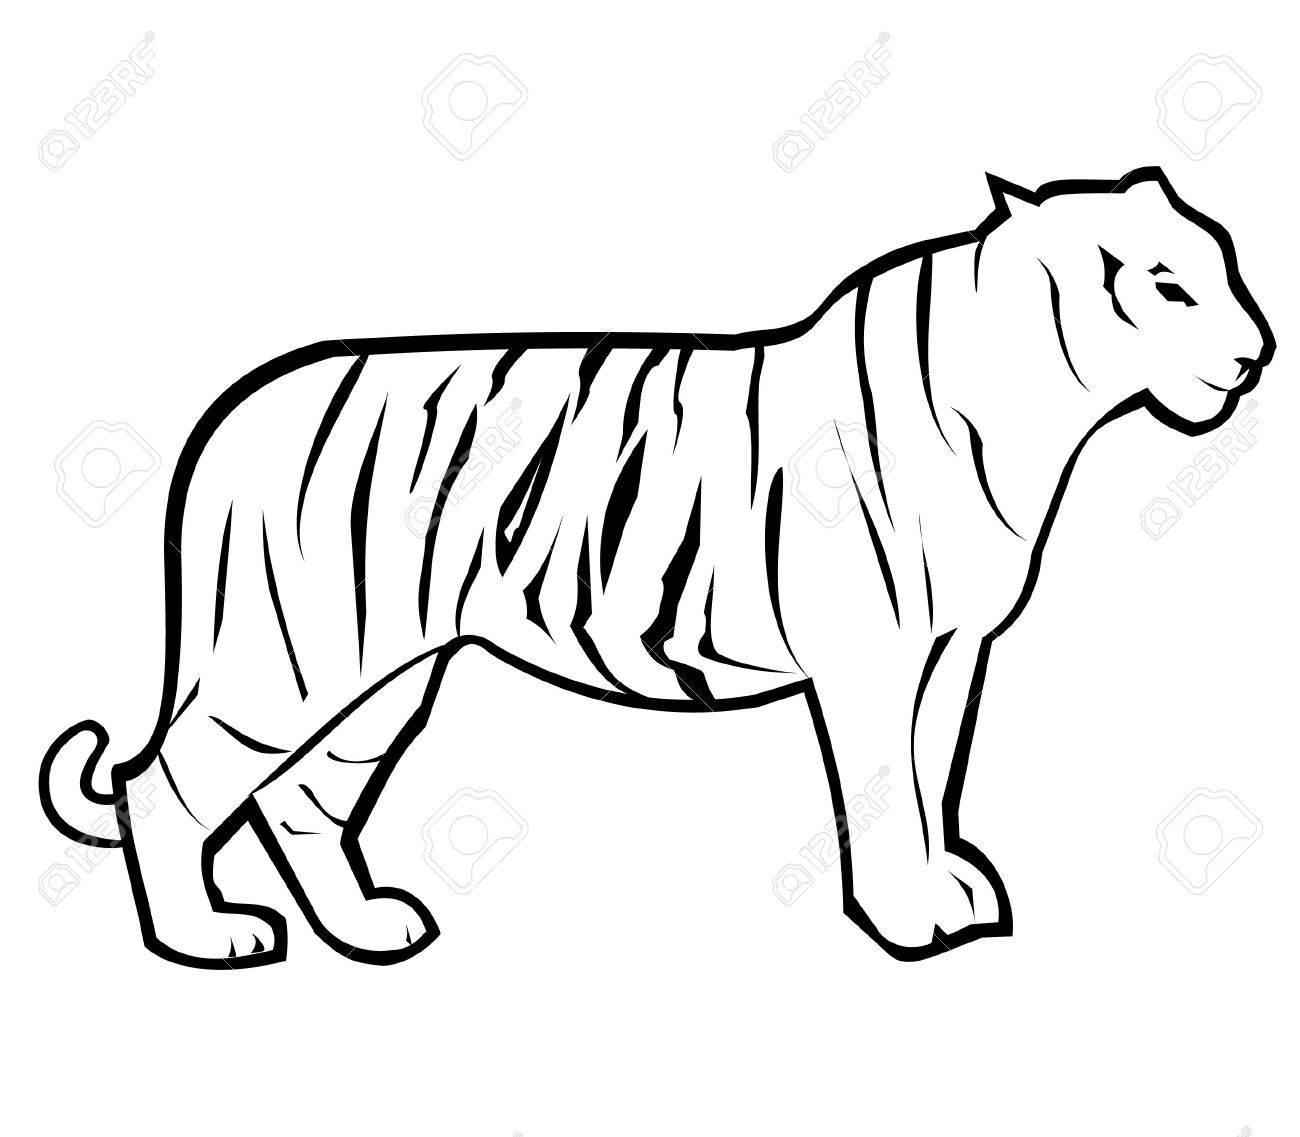 1300x1137 Tiger Outline